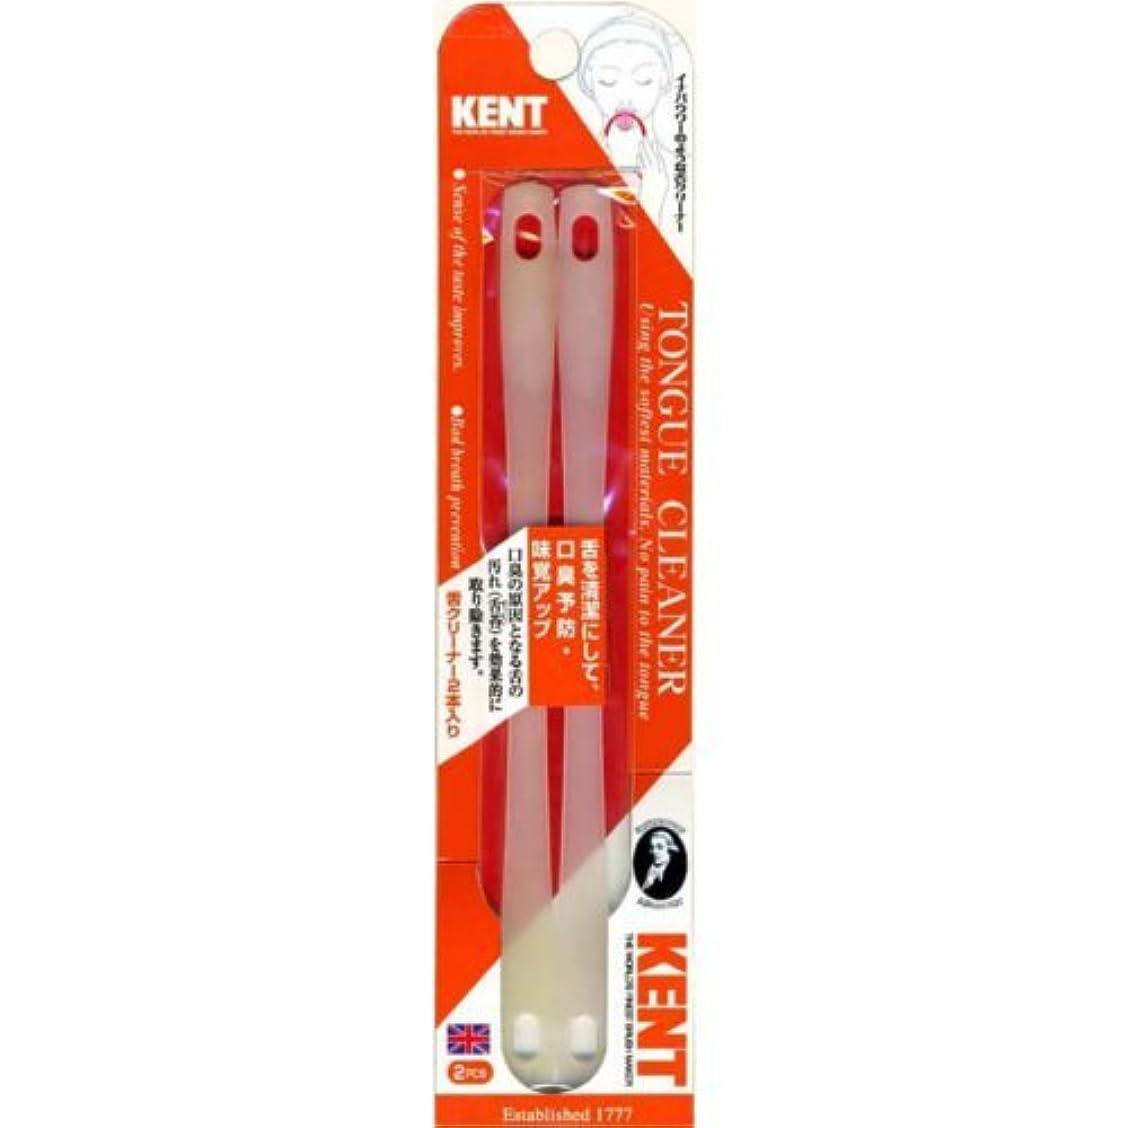 割合木放射性KENT 舌クリーナー 2本入 KNT-8059